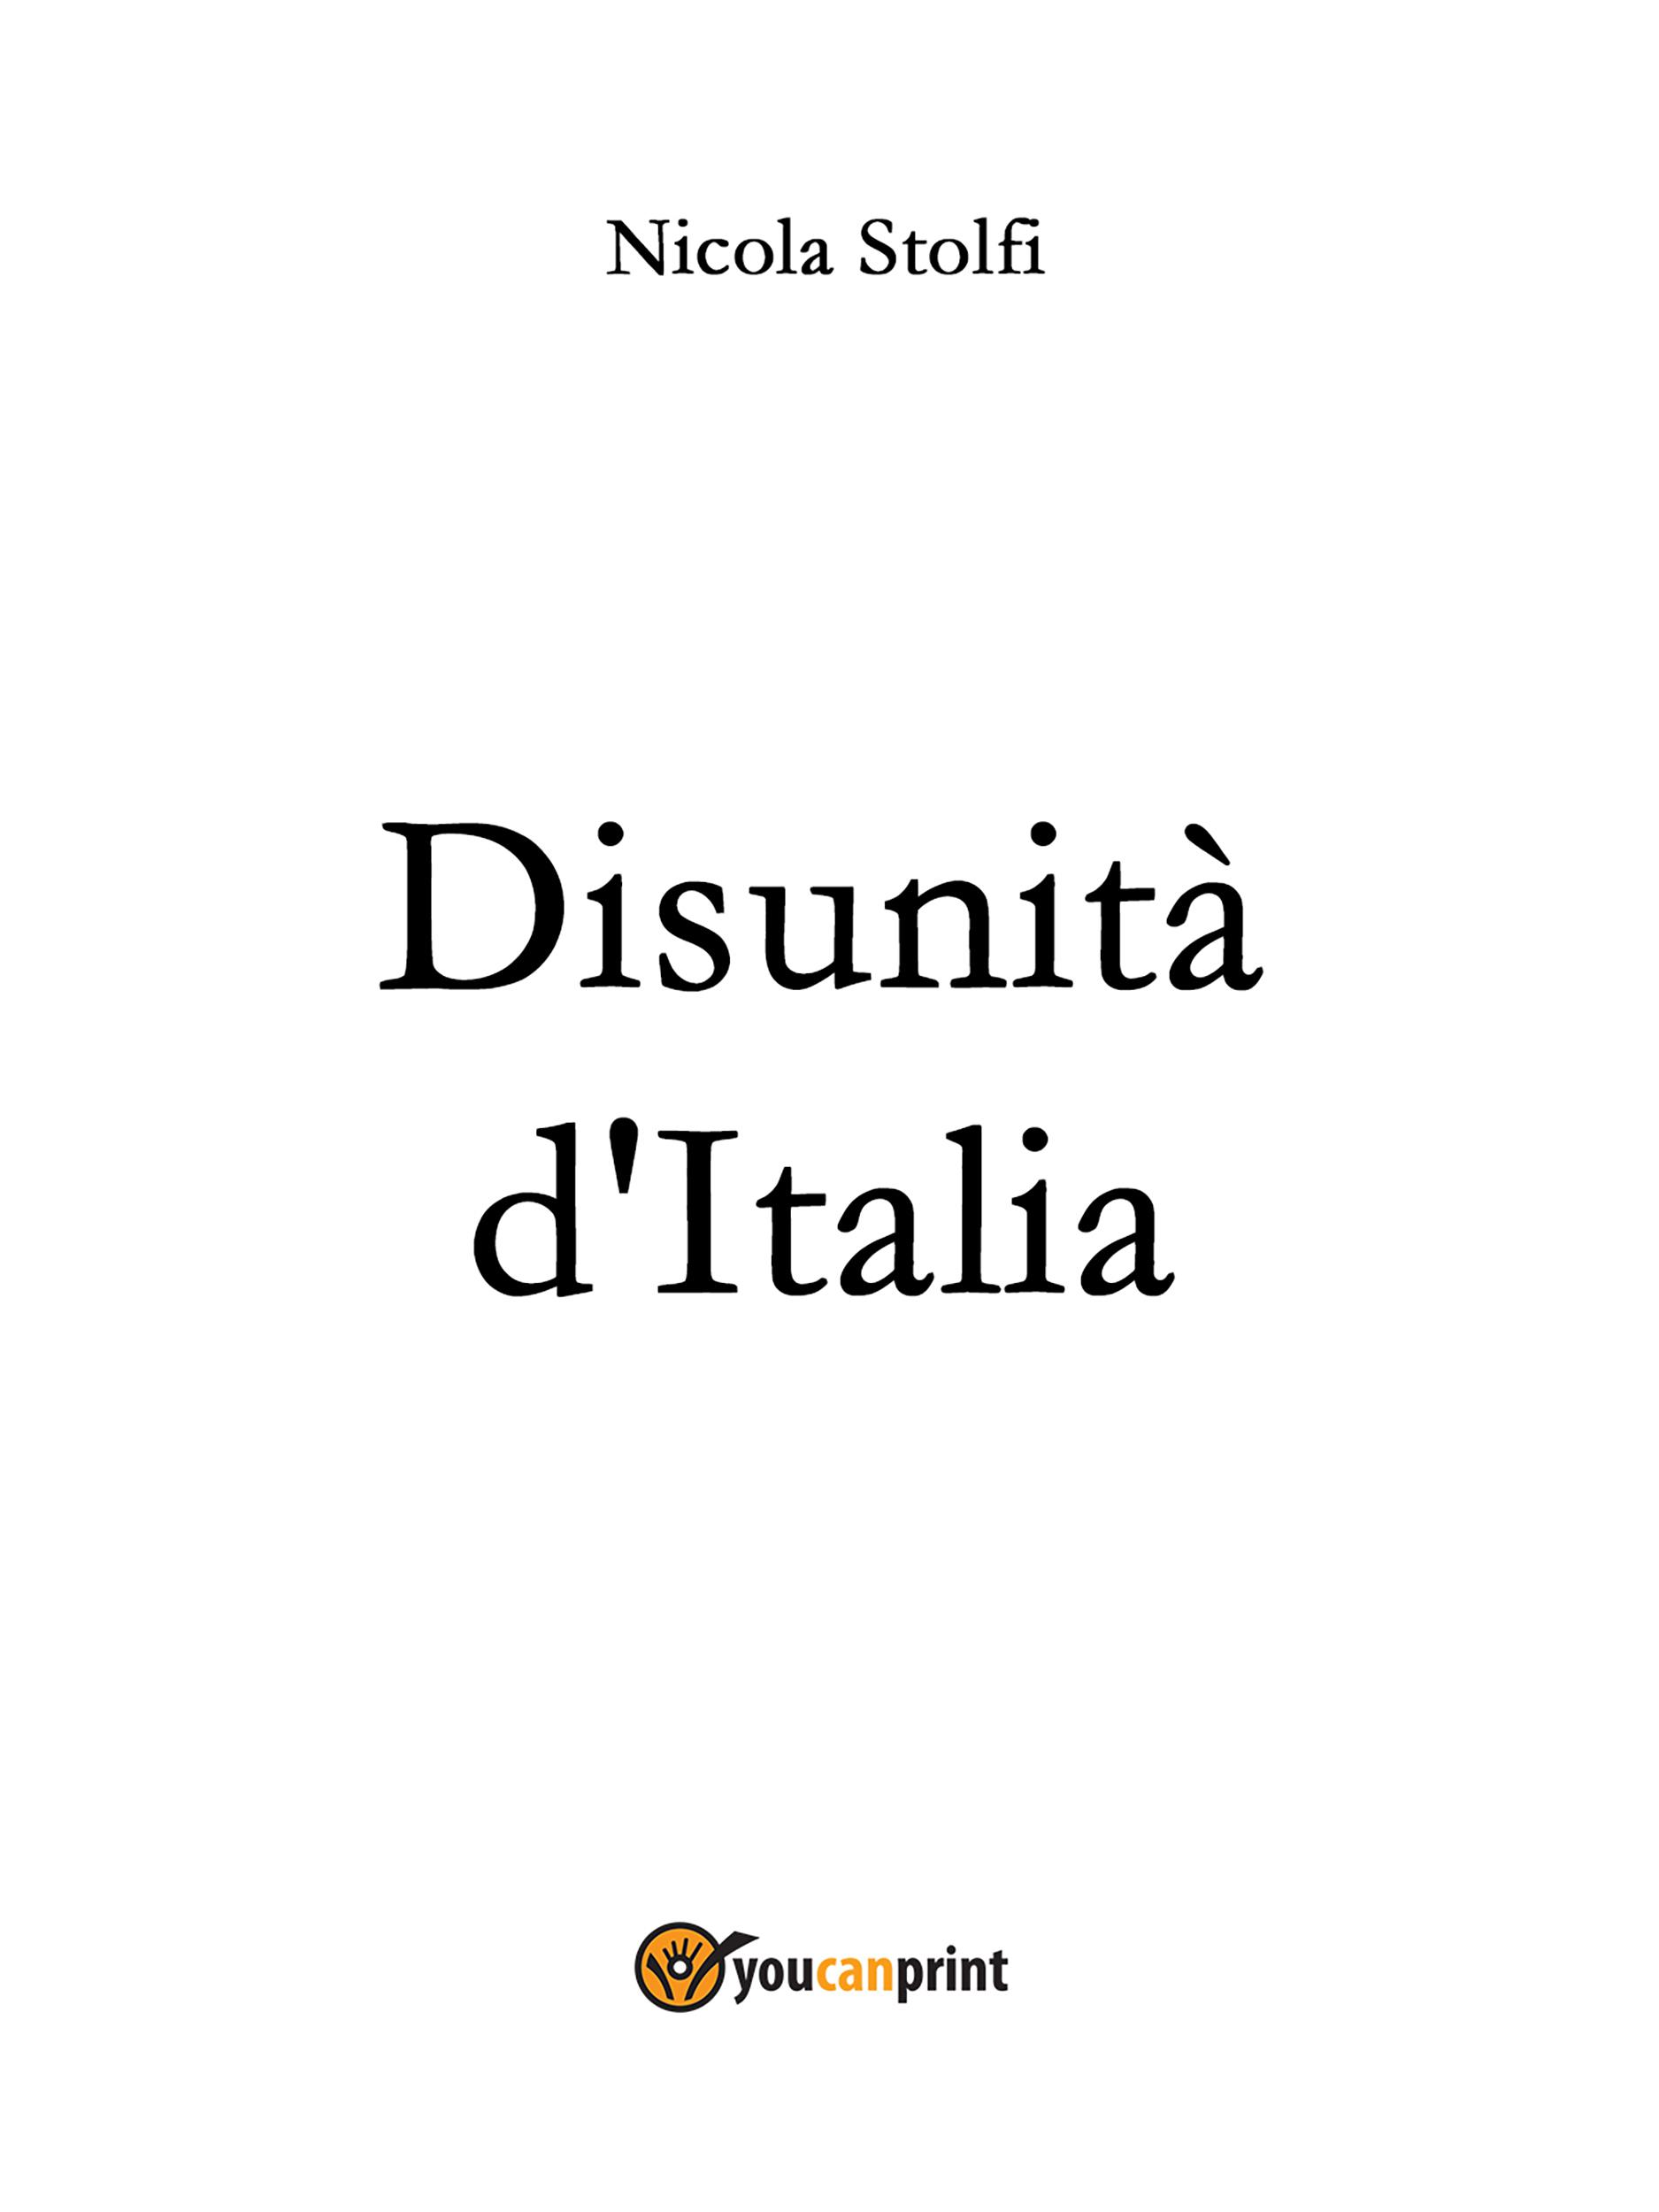 DISUNITA' D'ITALIA